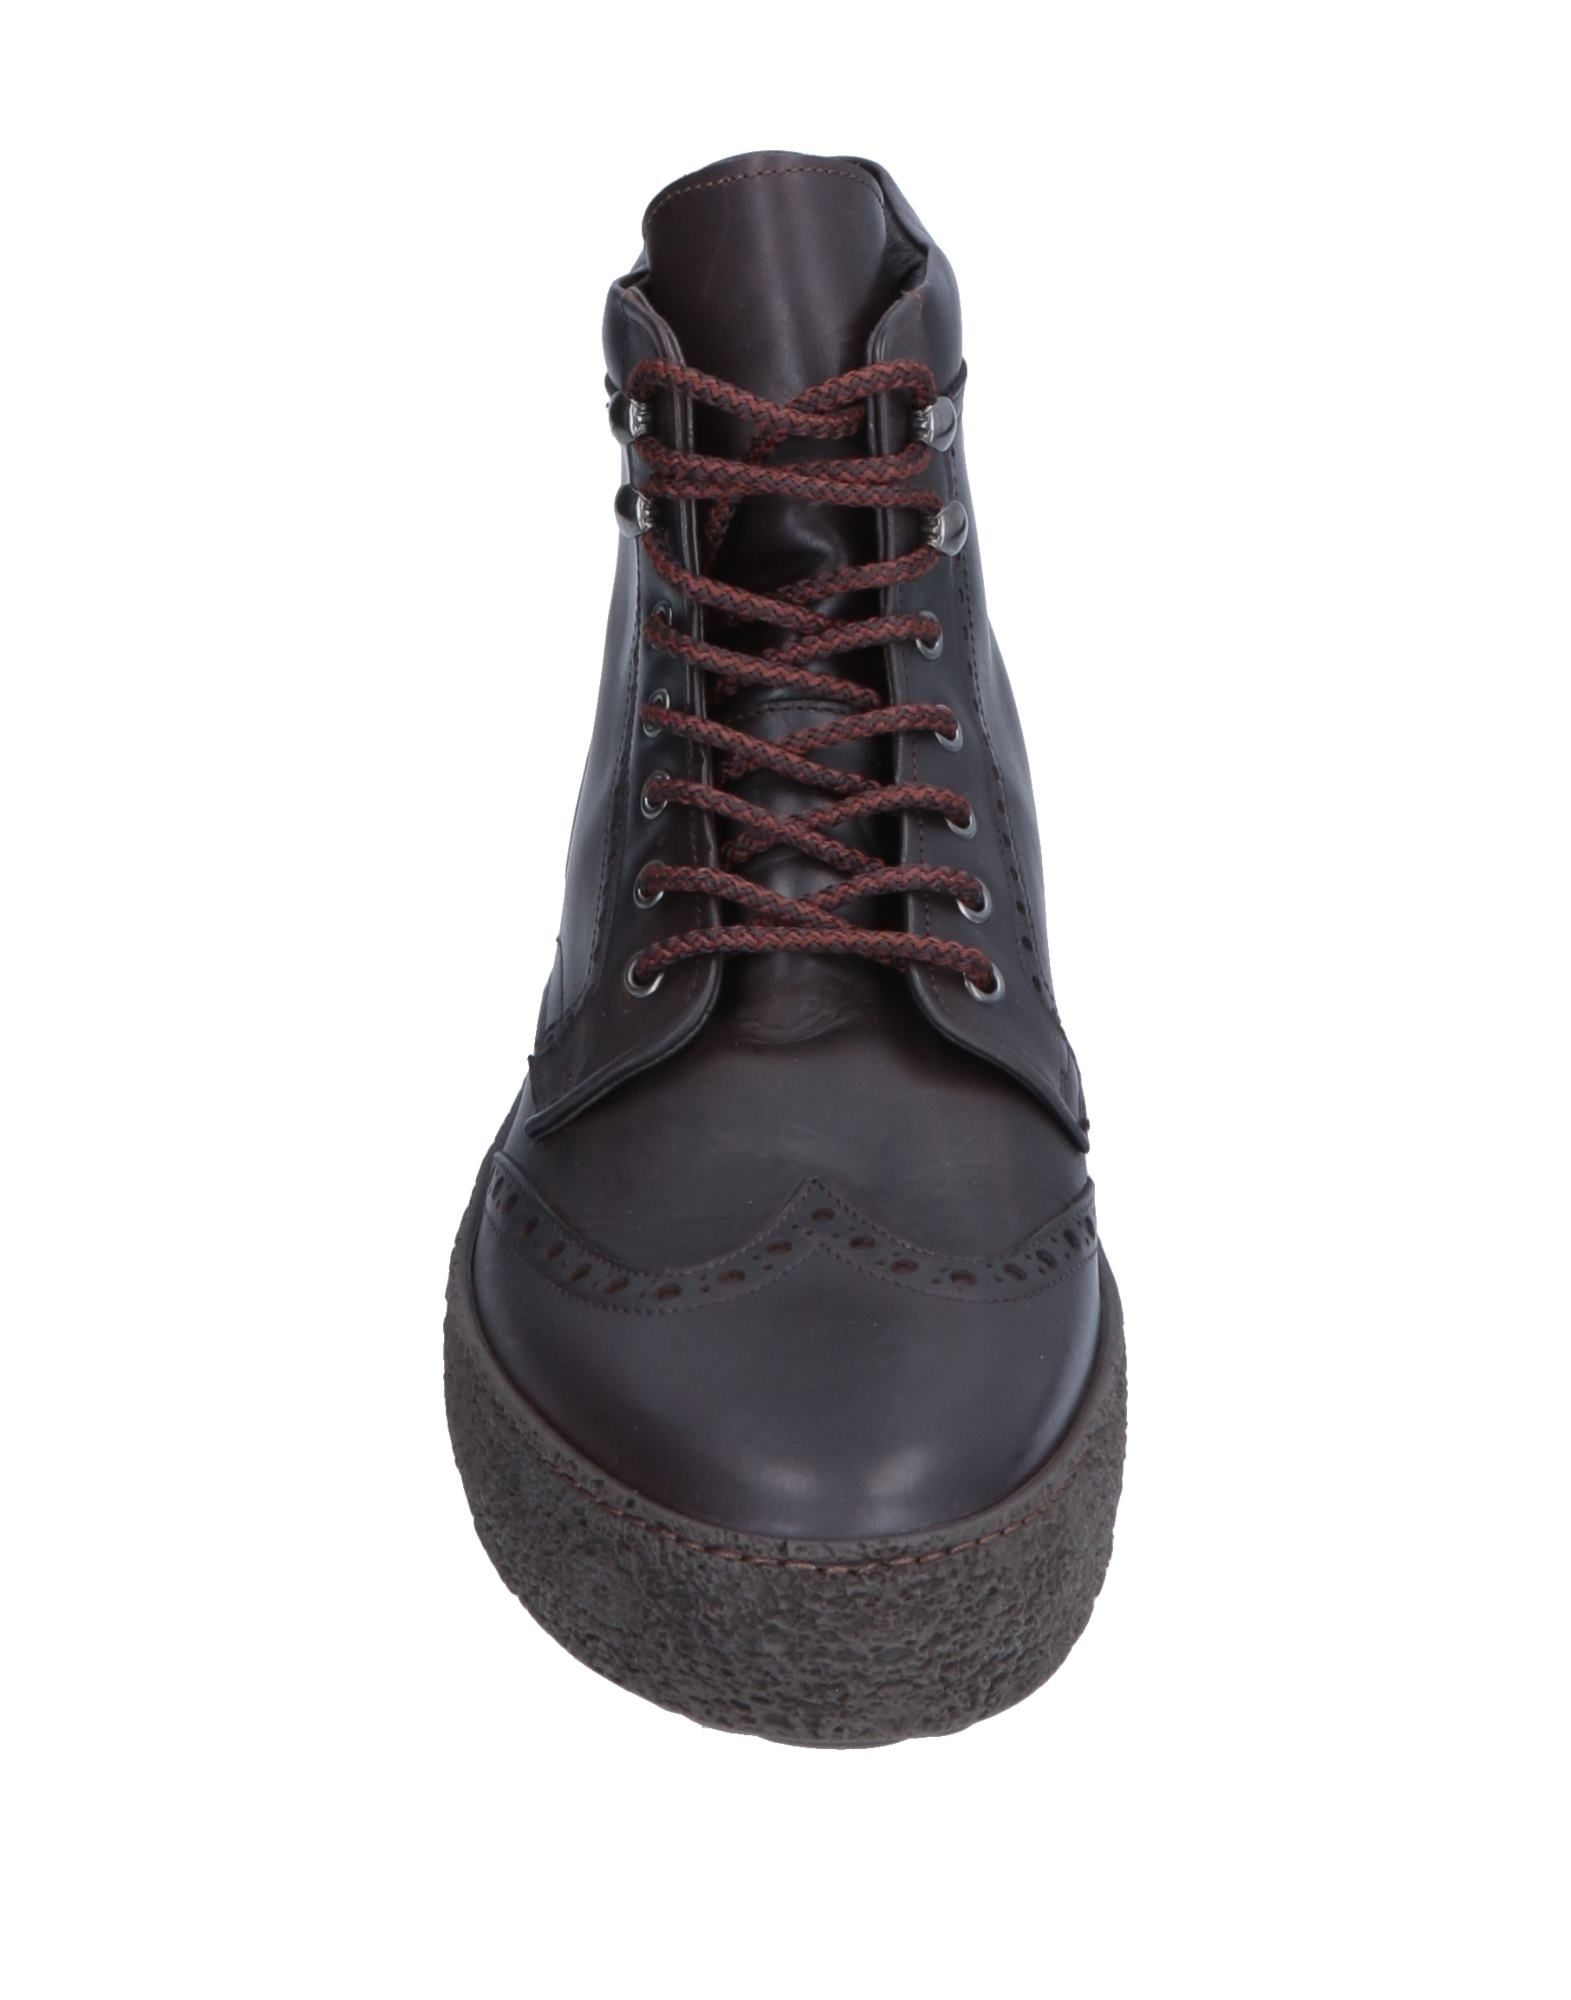 Vito Della Mora Mora Mora Sneakers - Men Vito Della Mora Sneakers online on  Canada - 11557447GR 207ba2